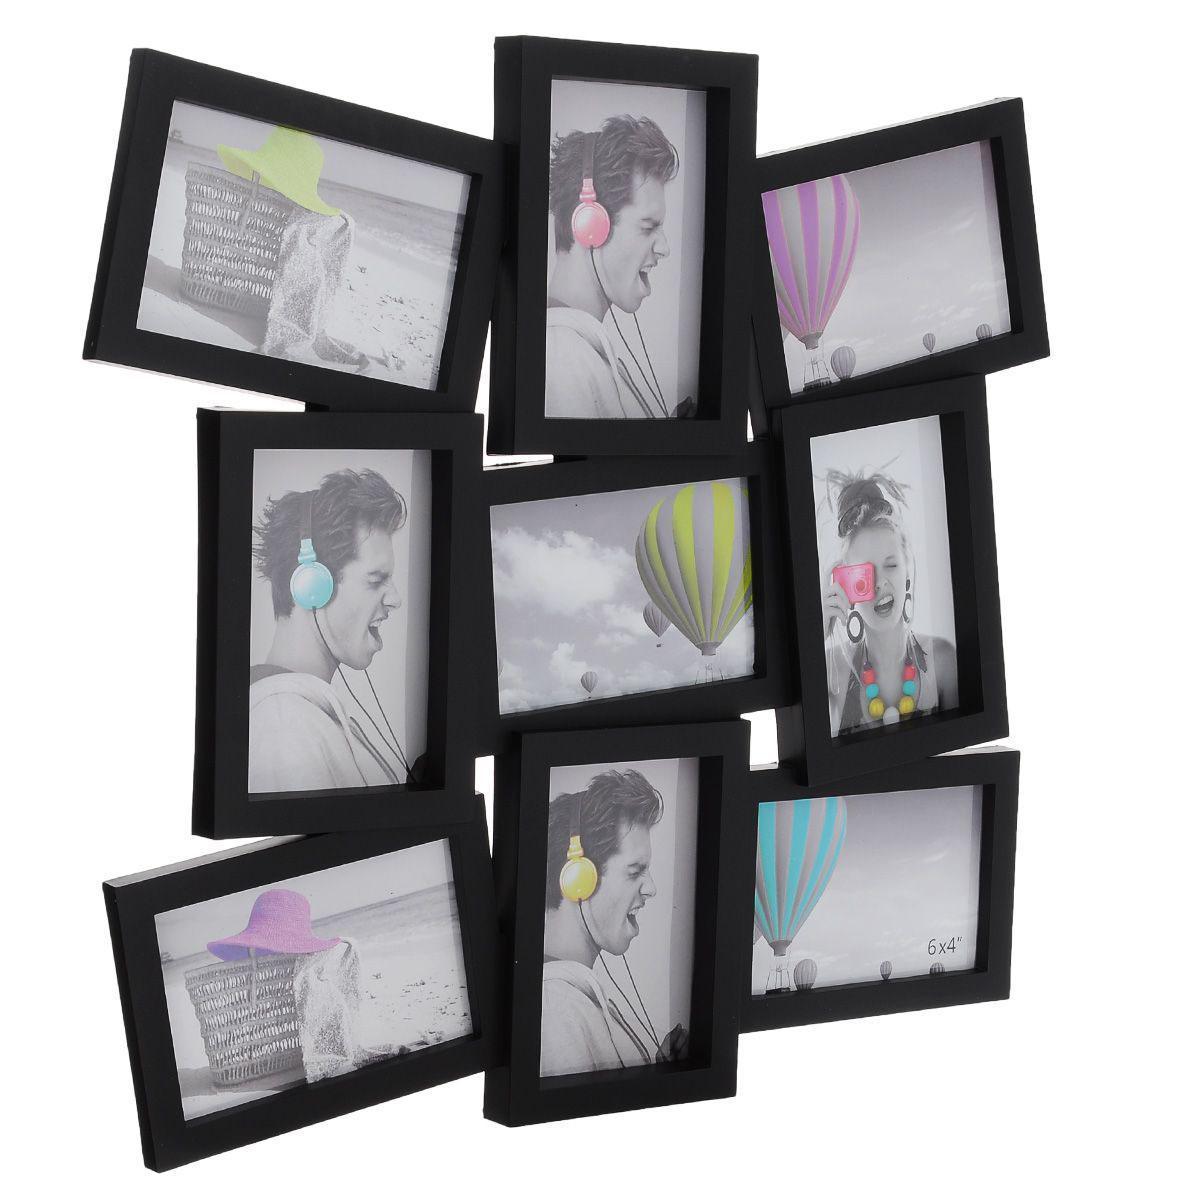 Фоторамка Image Art, на 9 фото, 10 см х 15 см5055398689660Фоторамка Image Art отлично дополнит интерьер помещения и поможет сохранить на память ваши любимые фотографии. Фоторамка выполнена из пластика черного цвета под дерево и представляет собой коллаж из 9 прямоугольных рамочек с вертикальным и горизонтальным расположением фотографий. Изделие подвешивается к стене. Такая рамка позволит сохранить на память изображения дорогих вам людей и интересных событий вашей жизни, а также станет приятным подарком для каждого.